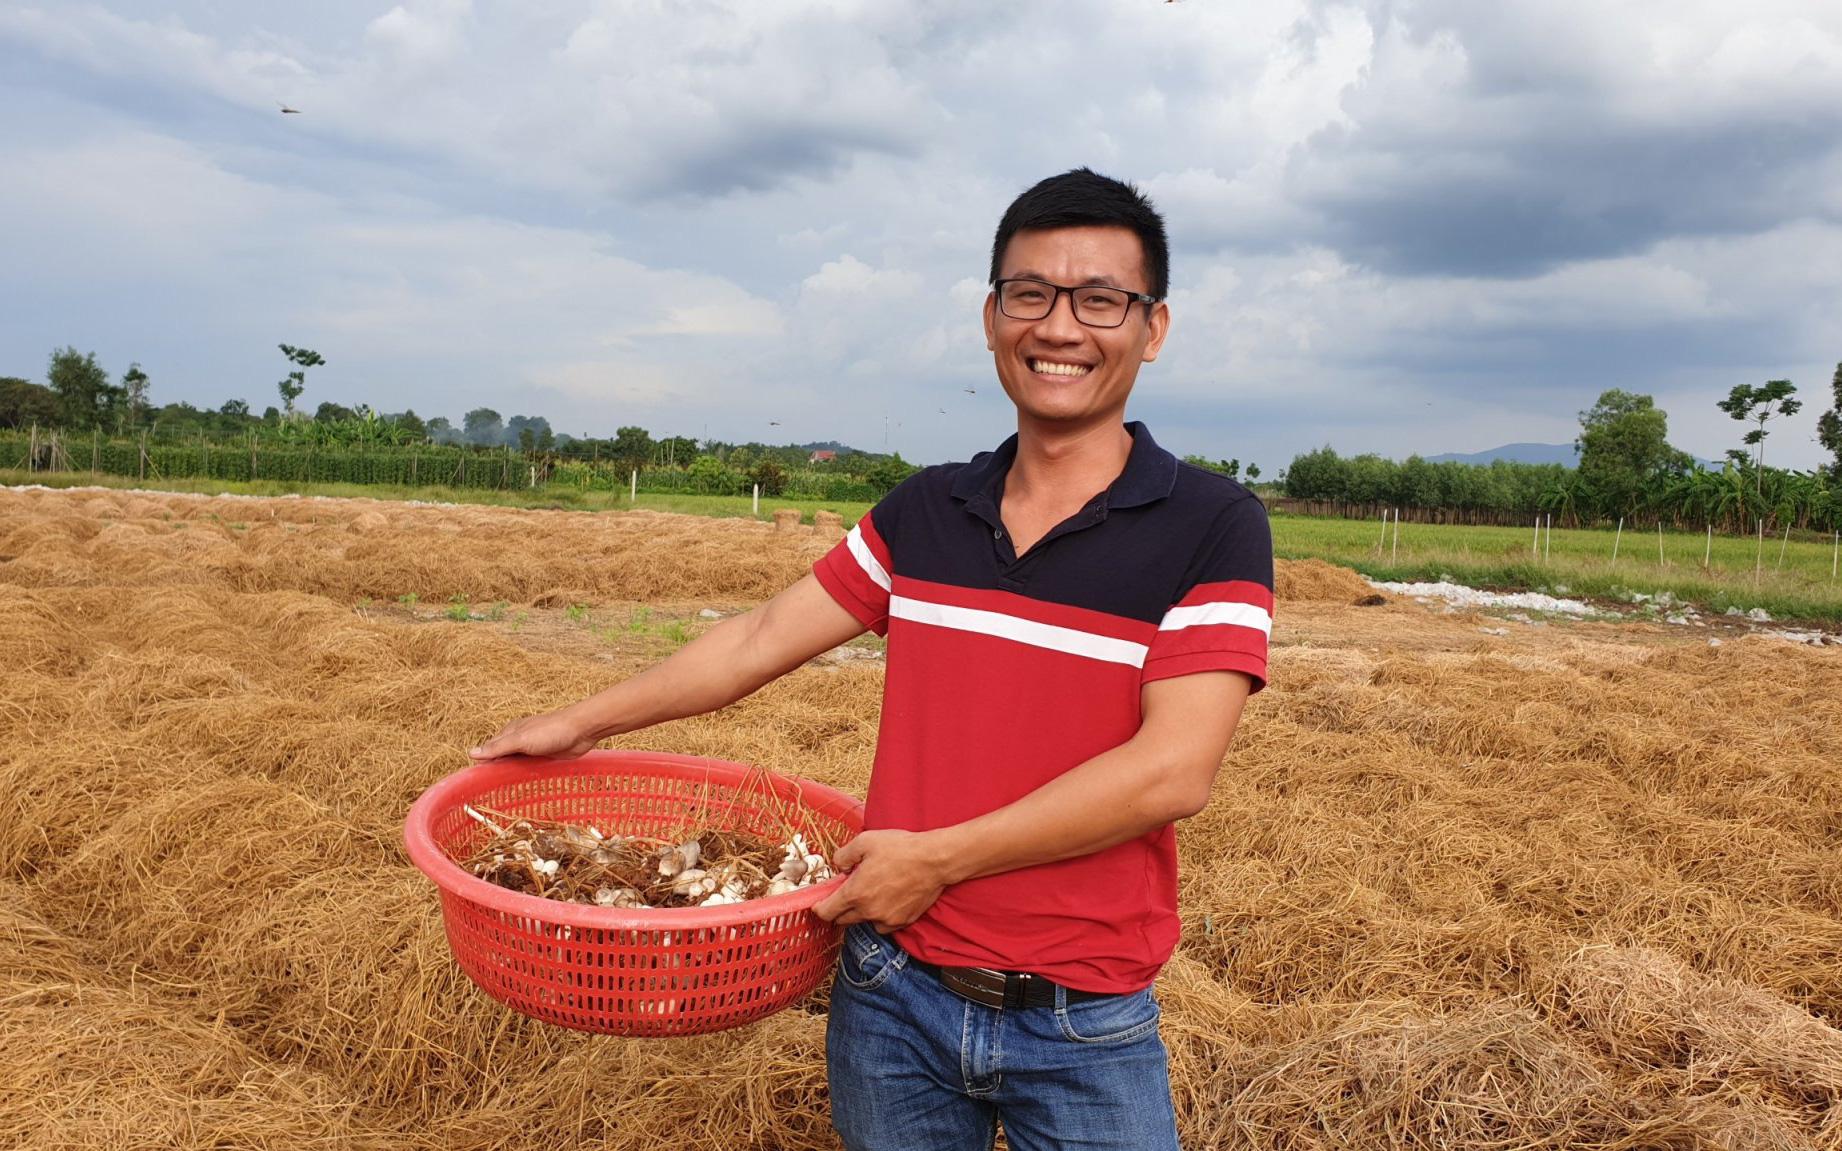 Chàng trai Quảng Ngãi 29 tuổi bỏ học làm giàu, vươn lên từ quá khứ khổ cực